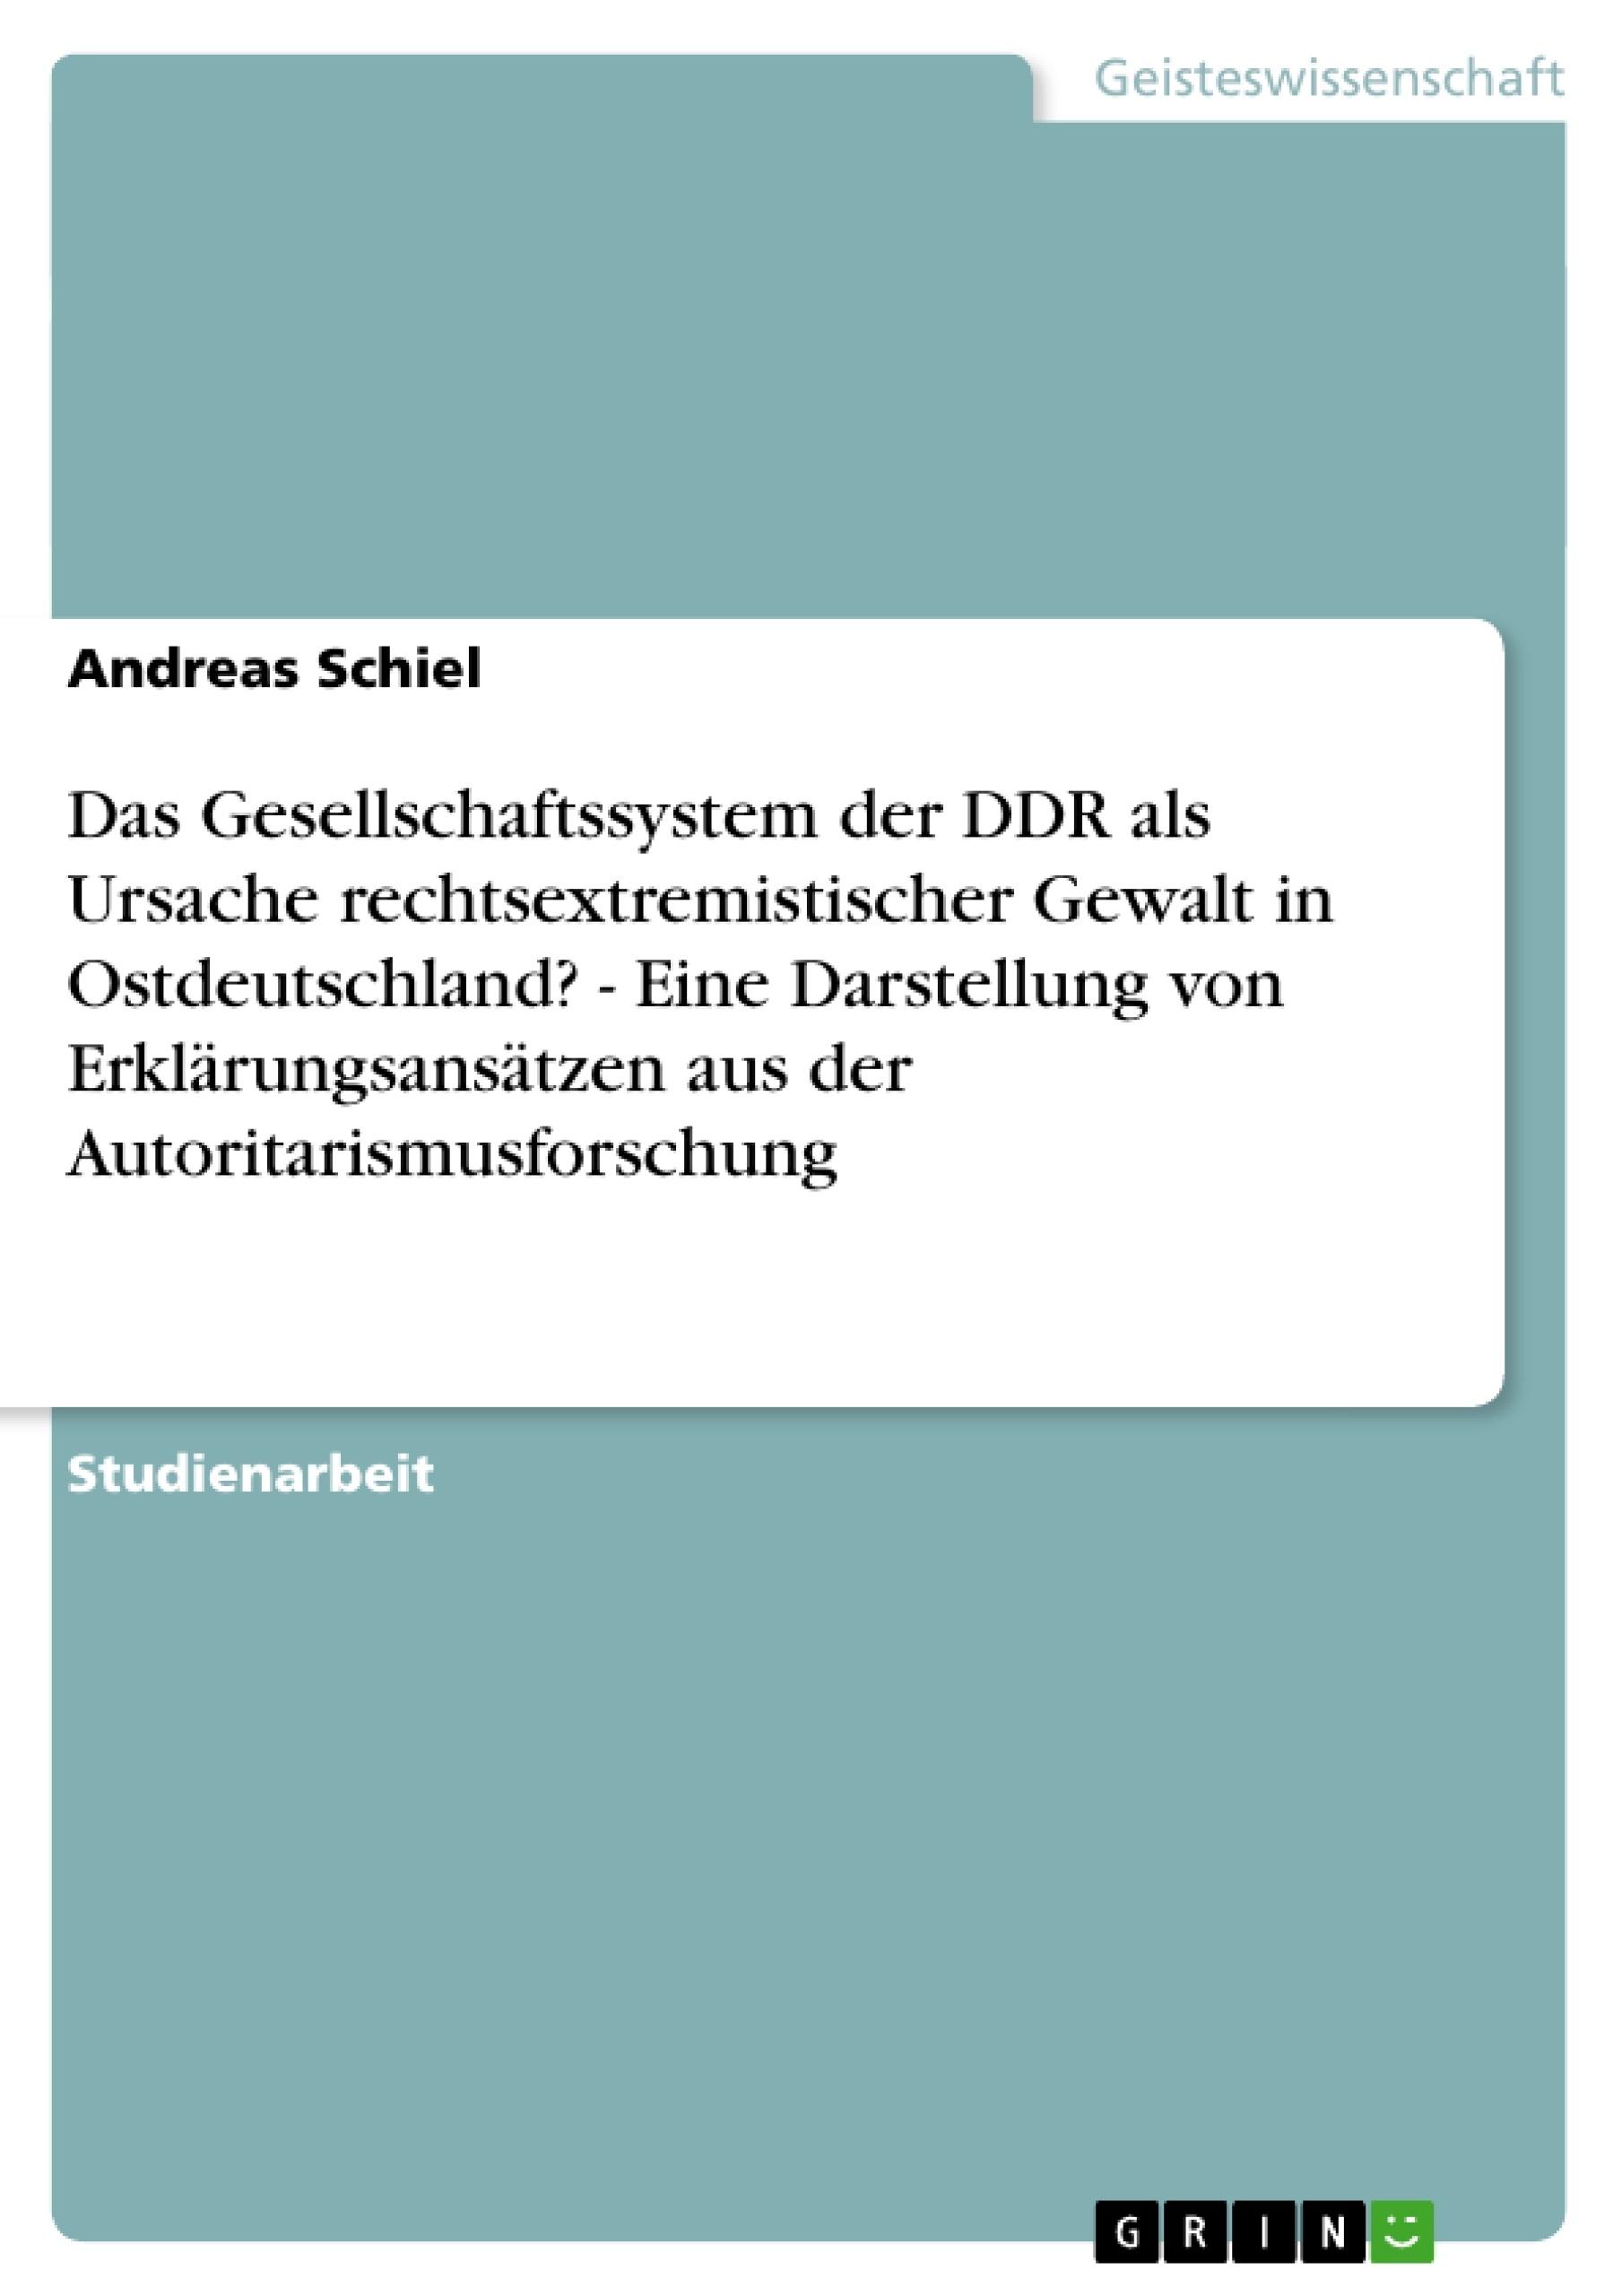 Titel: Das Gesellschaftssystem der DDR als Ursache rechtsextremistischer Gewalt in Ostdeutschland? - Eine Darstellung von Erklärungsansätzen aus der Autoritarismusforschung